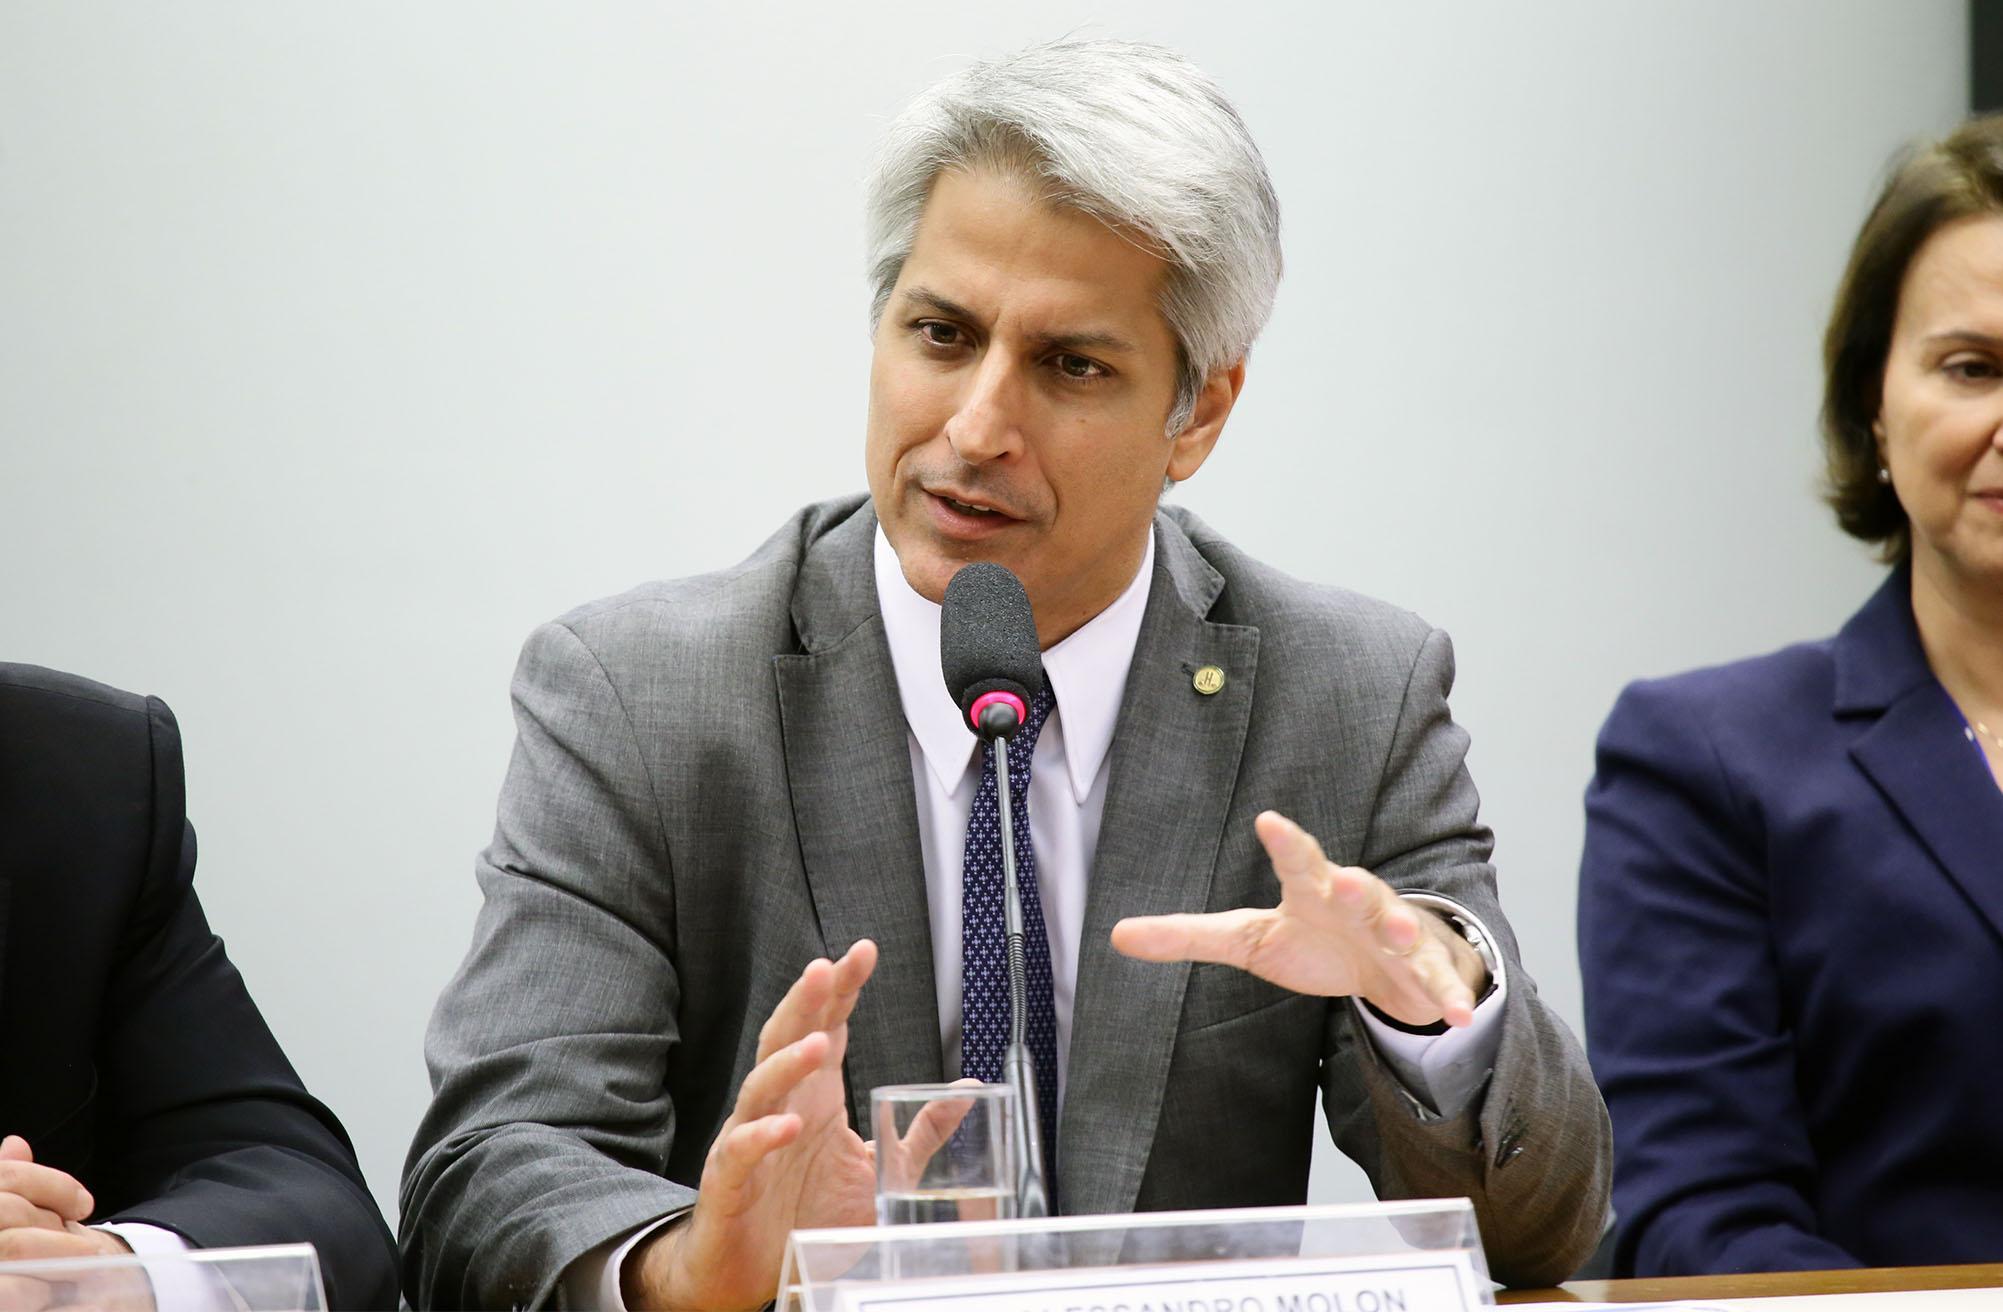 Reunião ordinária sobre os bioinsumos no Brasil e políticas para o desenvolvimento do setor. Dep. Alessandro Molon (PSB - RJ)